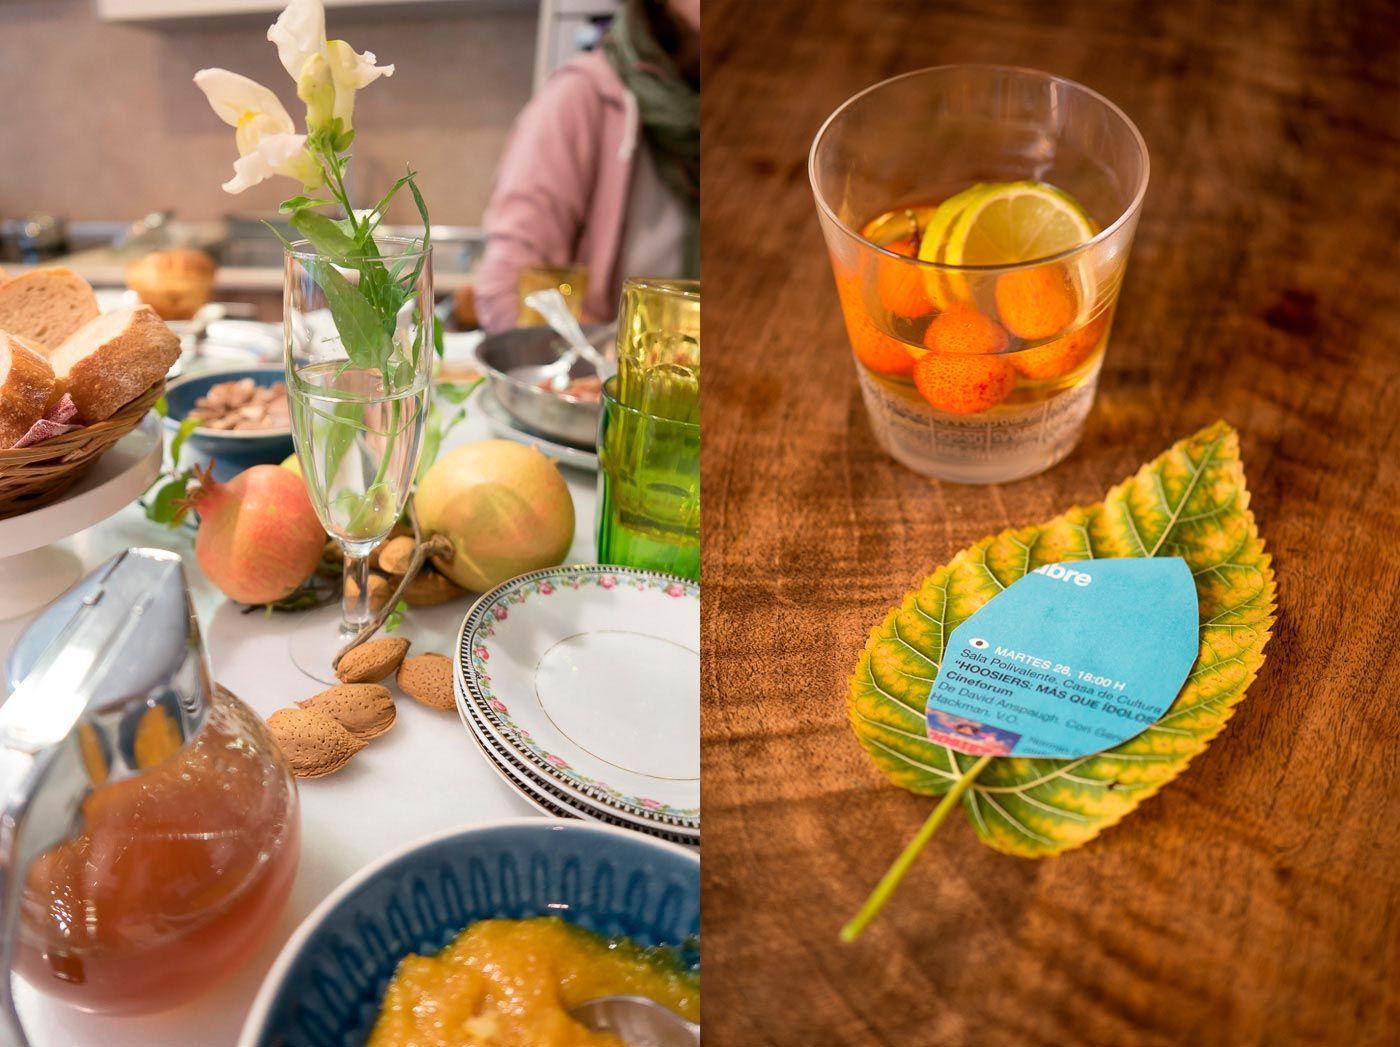 Idées de décoration de maison d'automne - table